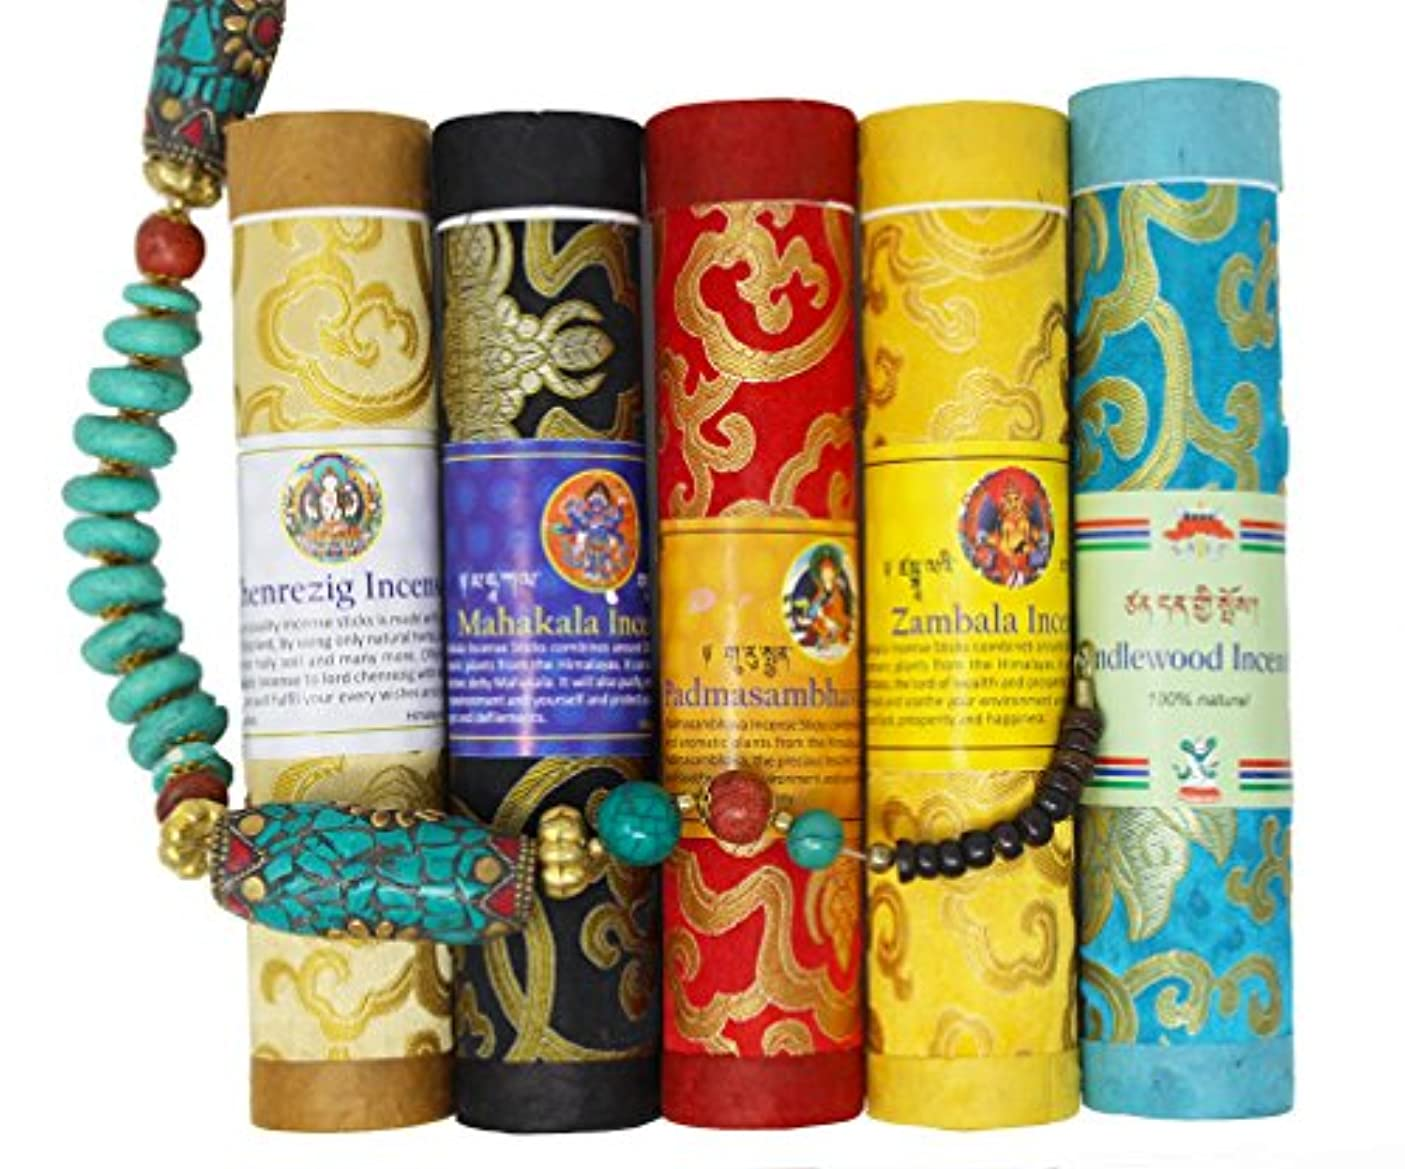 意味のあるおびえたちょうつがいjuccini Tibetan Incense Sticks ~ Spiritual Healing Hand Rolled Incense Made from Organic Himalayan Herbs